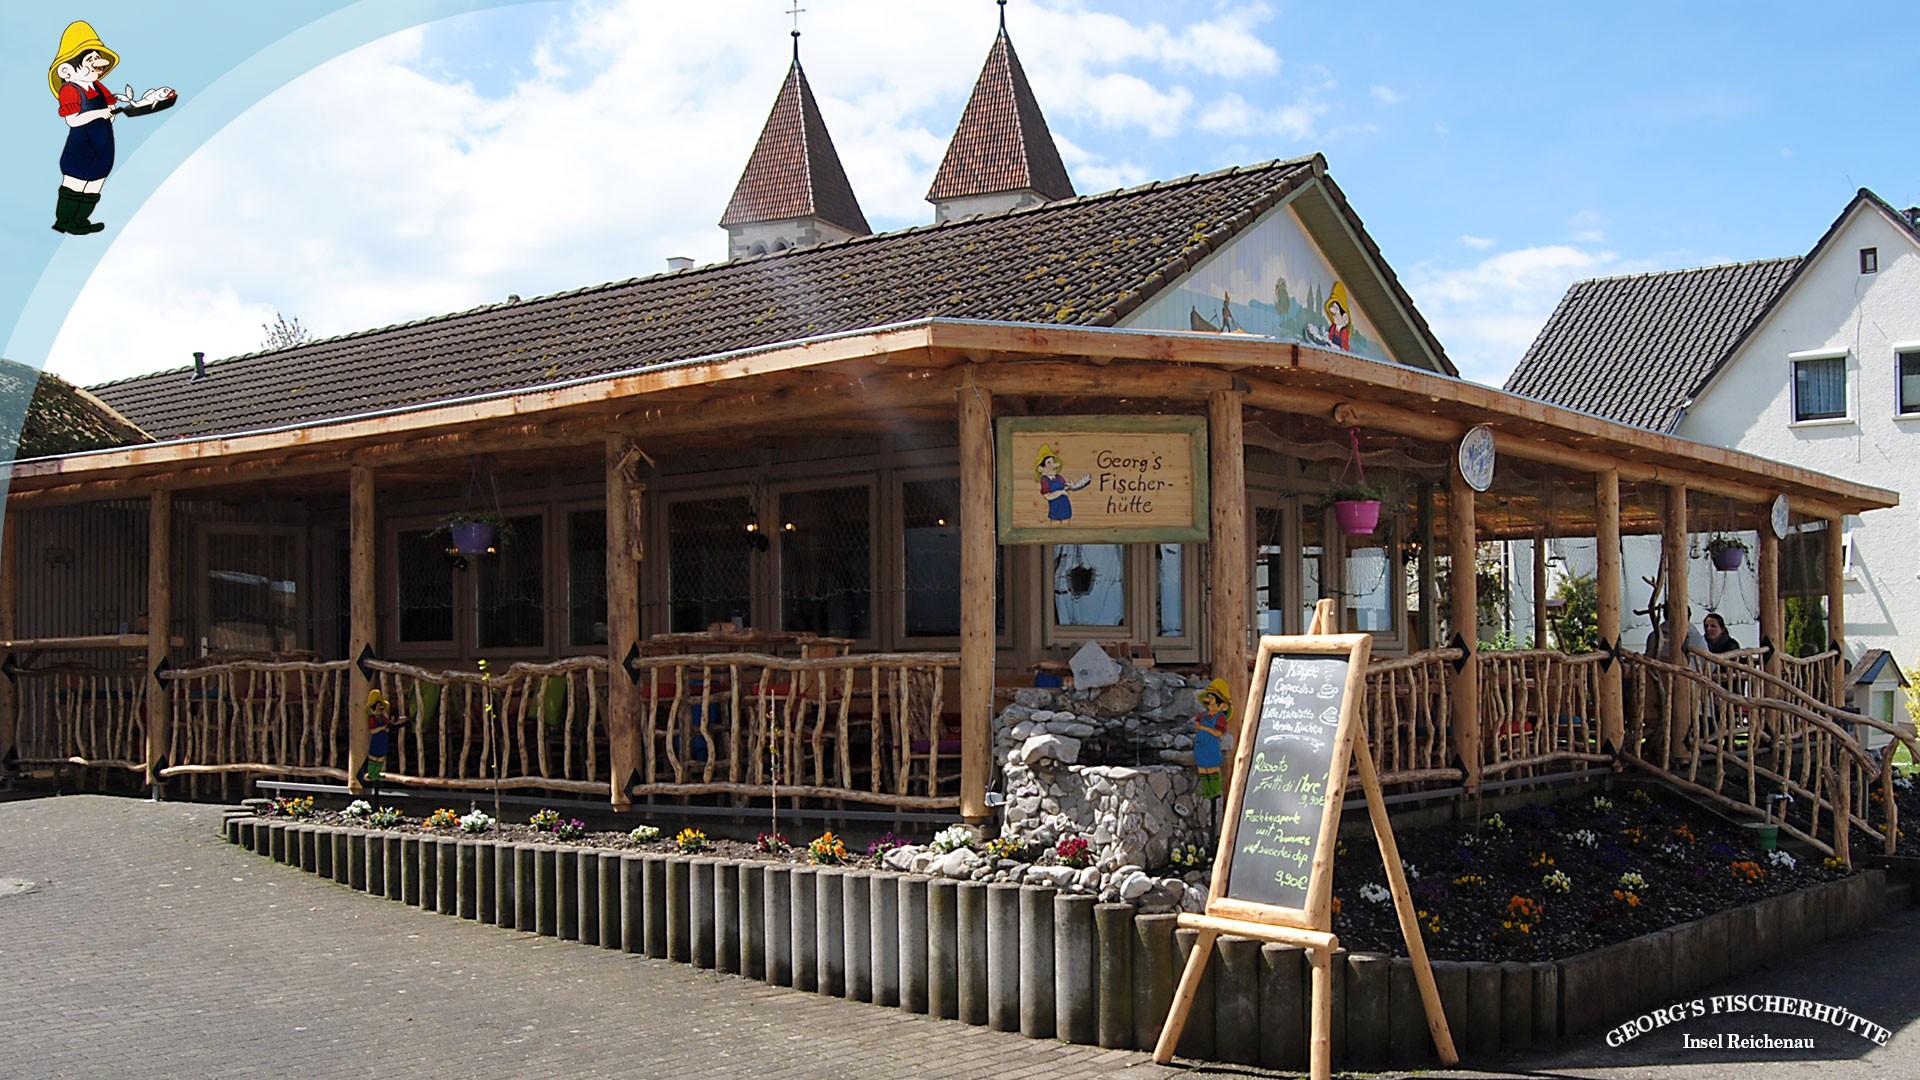 Georg's Fischerhütte, Reichenau - bei Sankt Peter und Paul: Fischrestaurant mit großer Terrasse und Seeblick